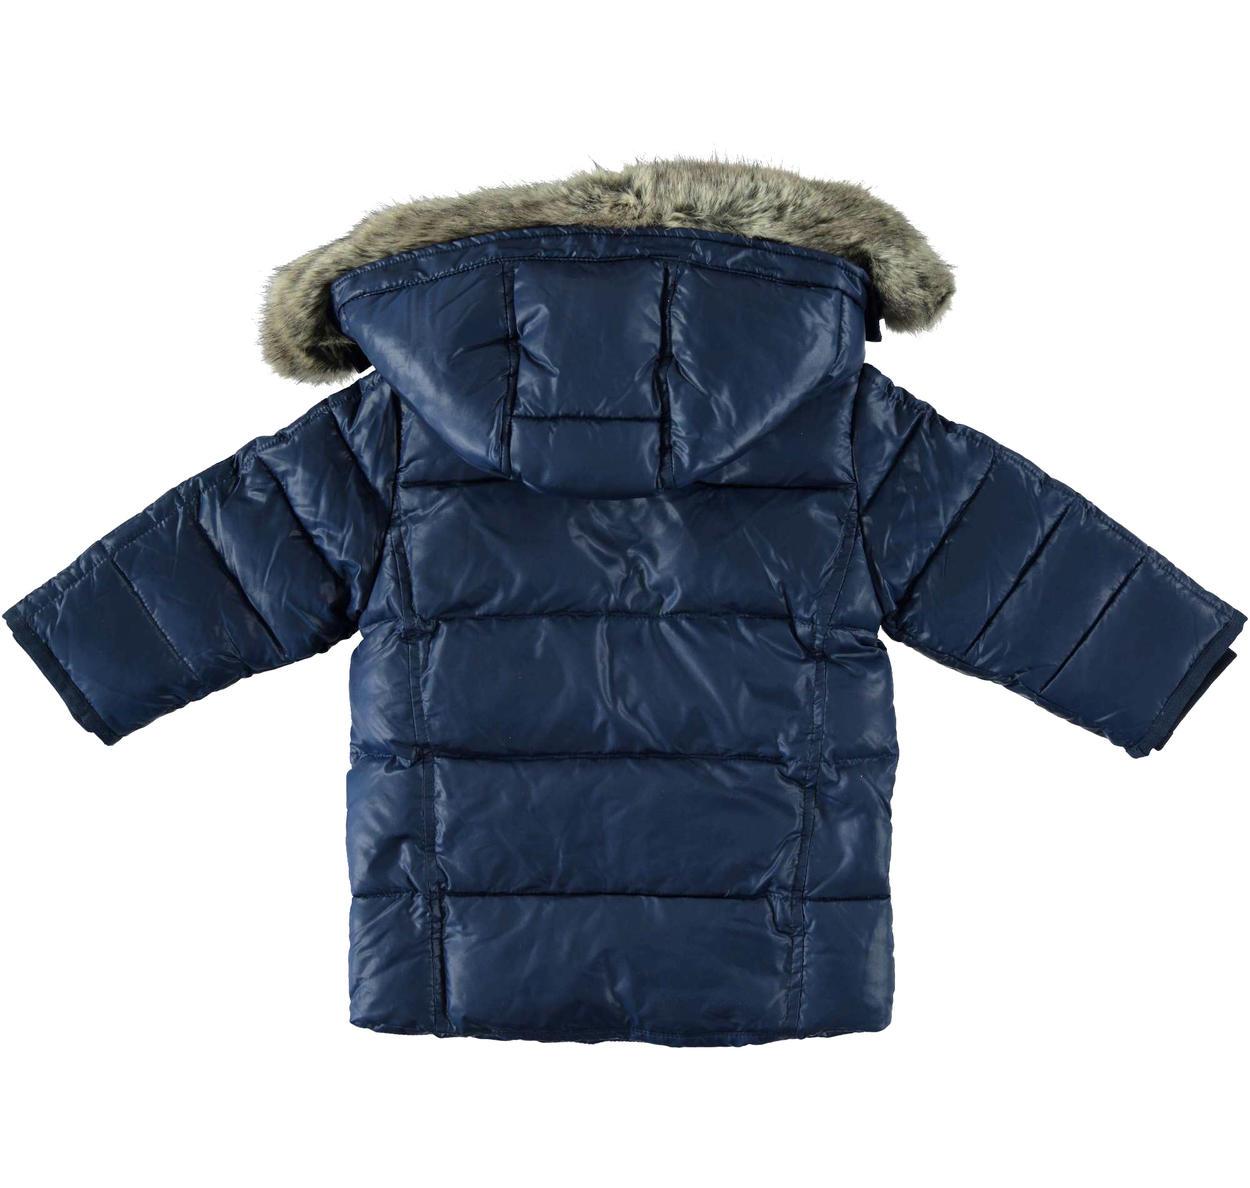 piumini giacca con piume d'oca